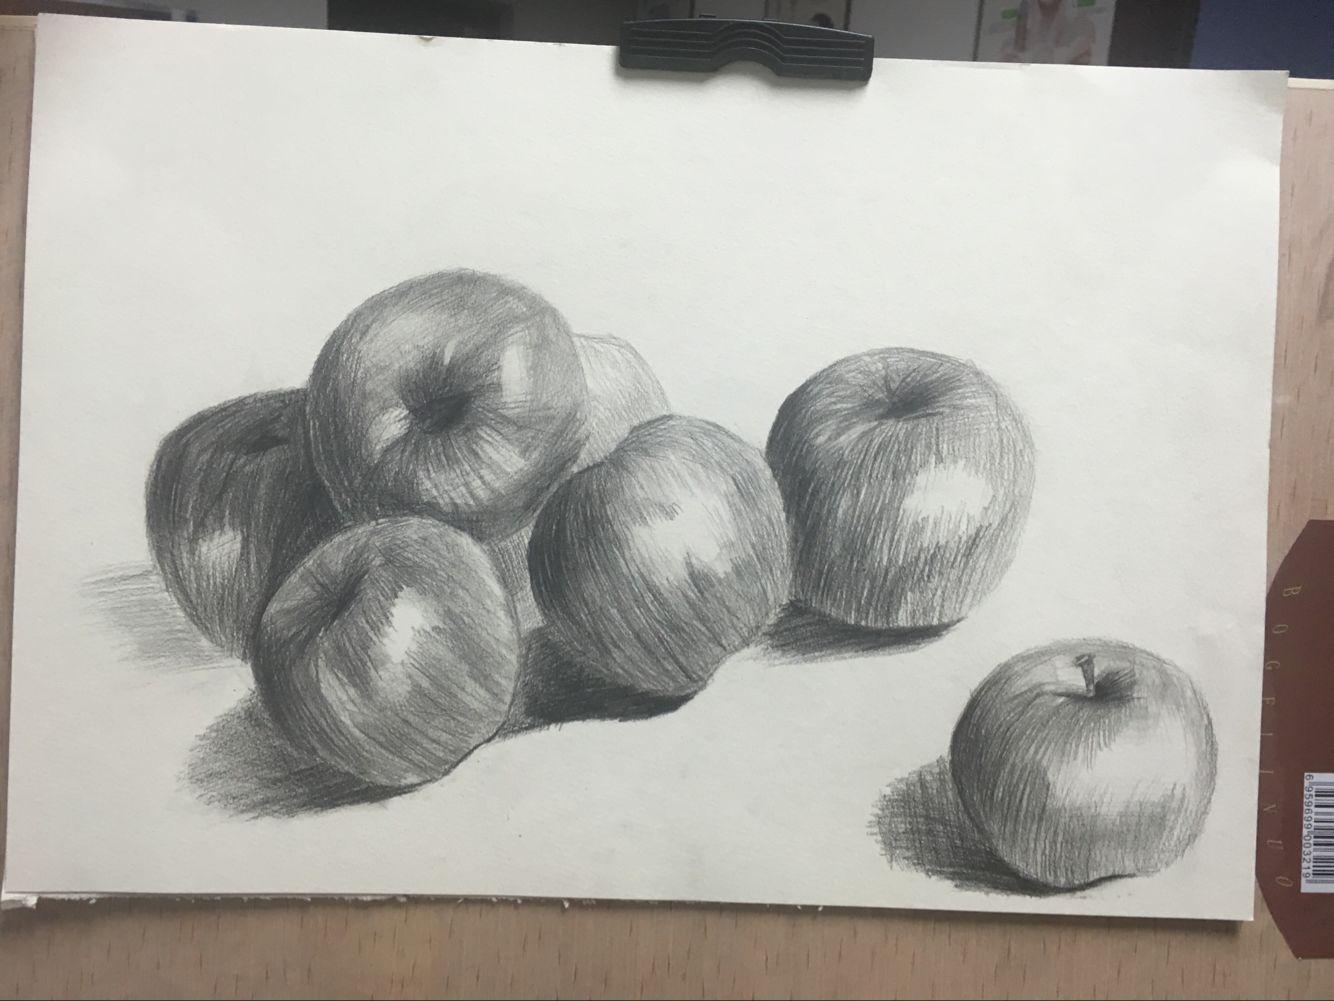 苹果-素描图集图片